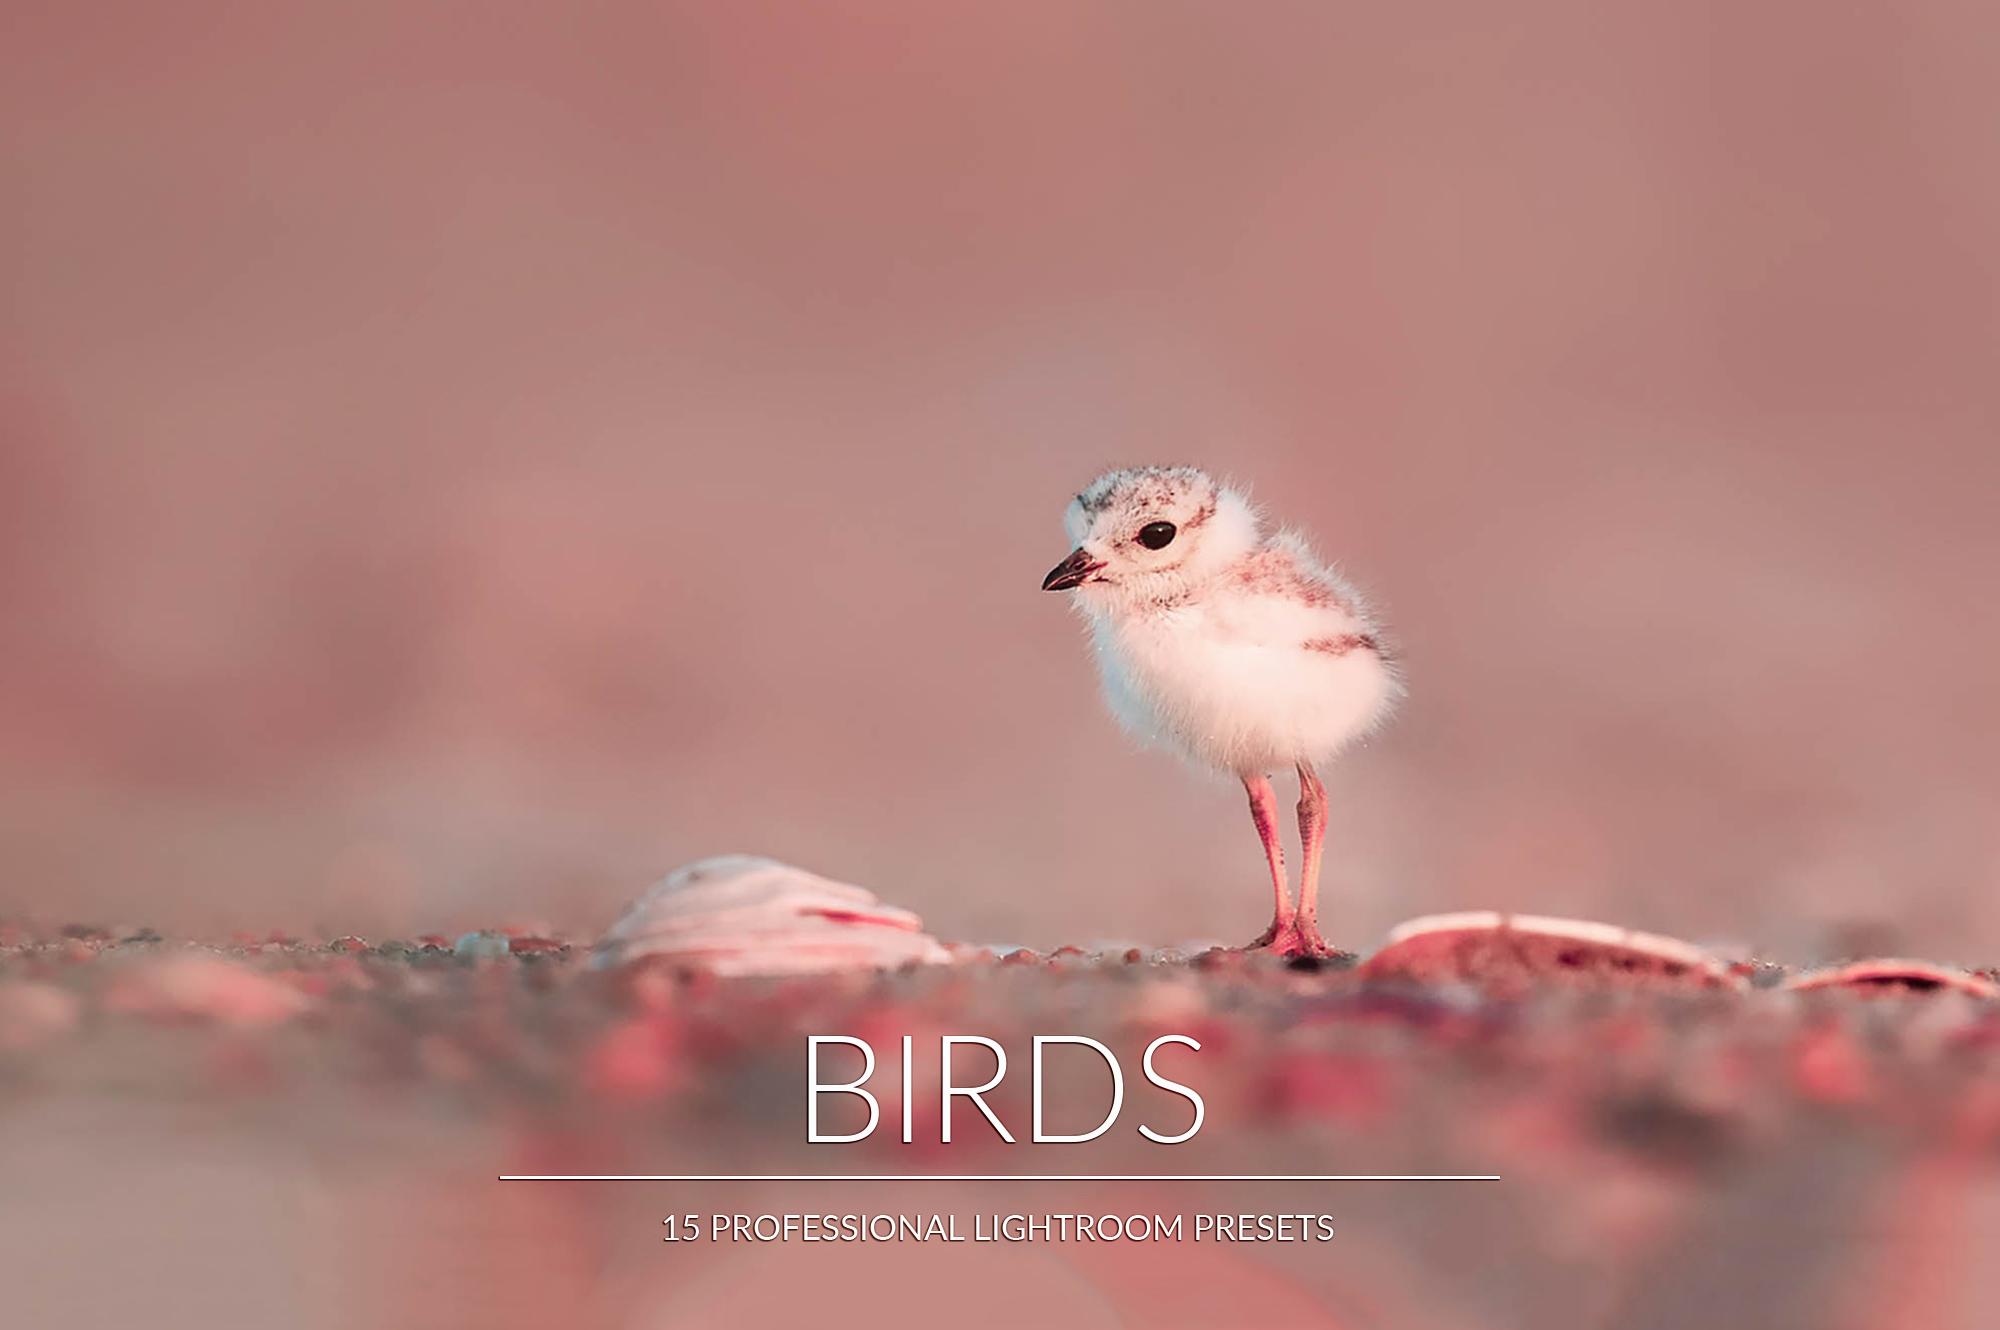 Birds Lr Presets example image 1